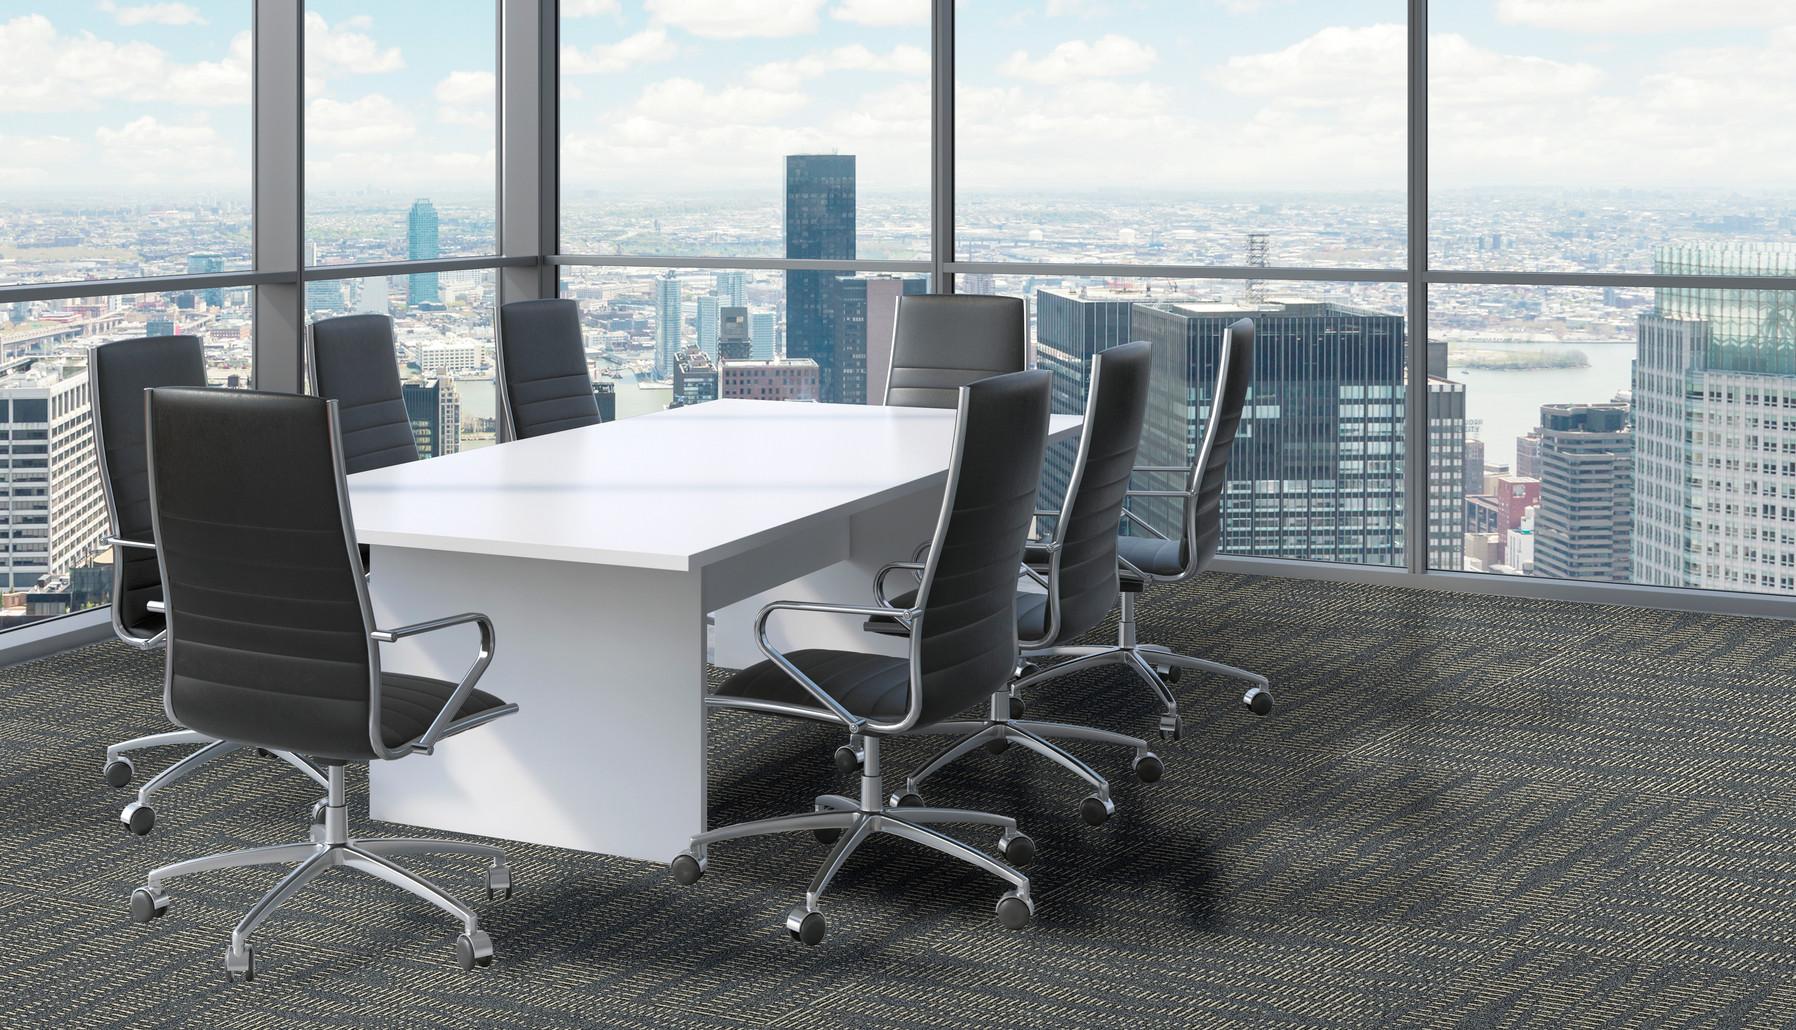 Carpetes para Sala de Reunião